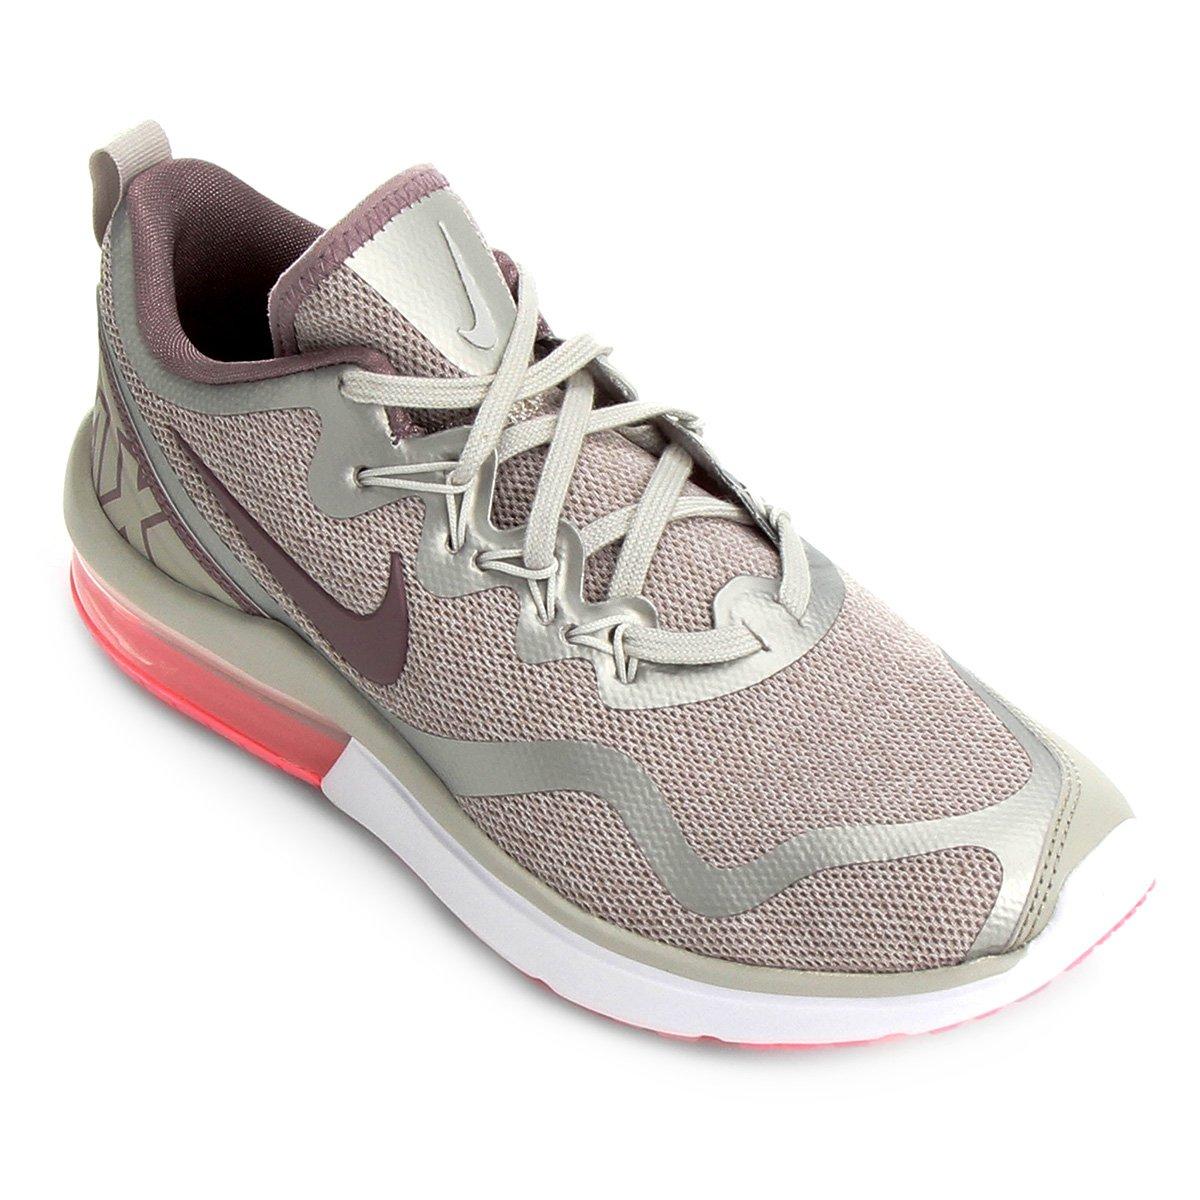 Air Feminino Max Fury white e Coral Nike Off Tênis qwBPI5w